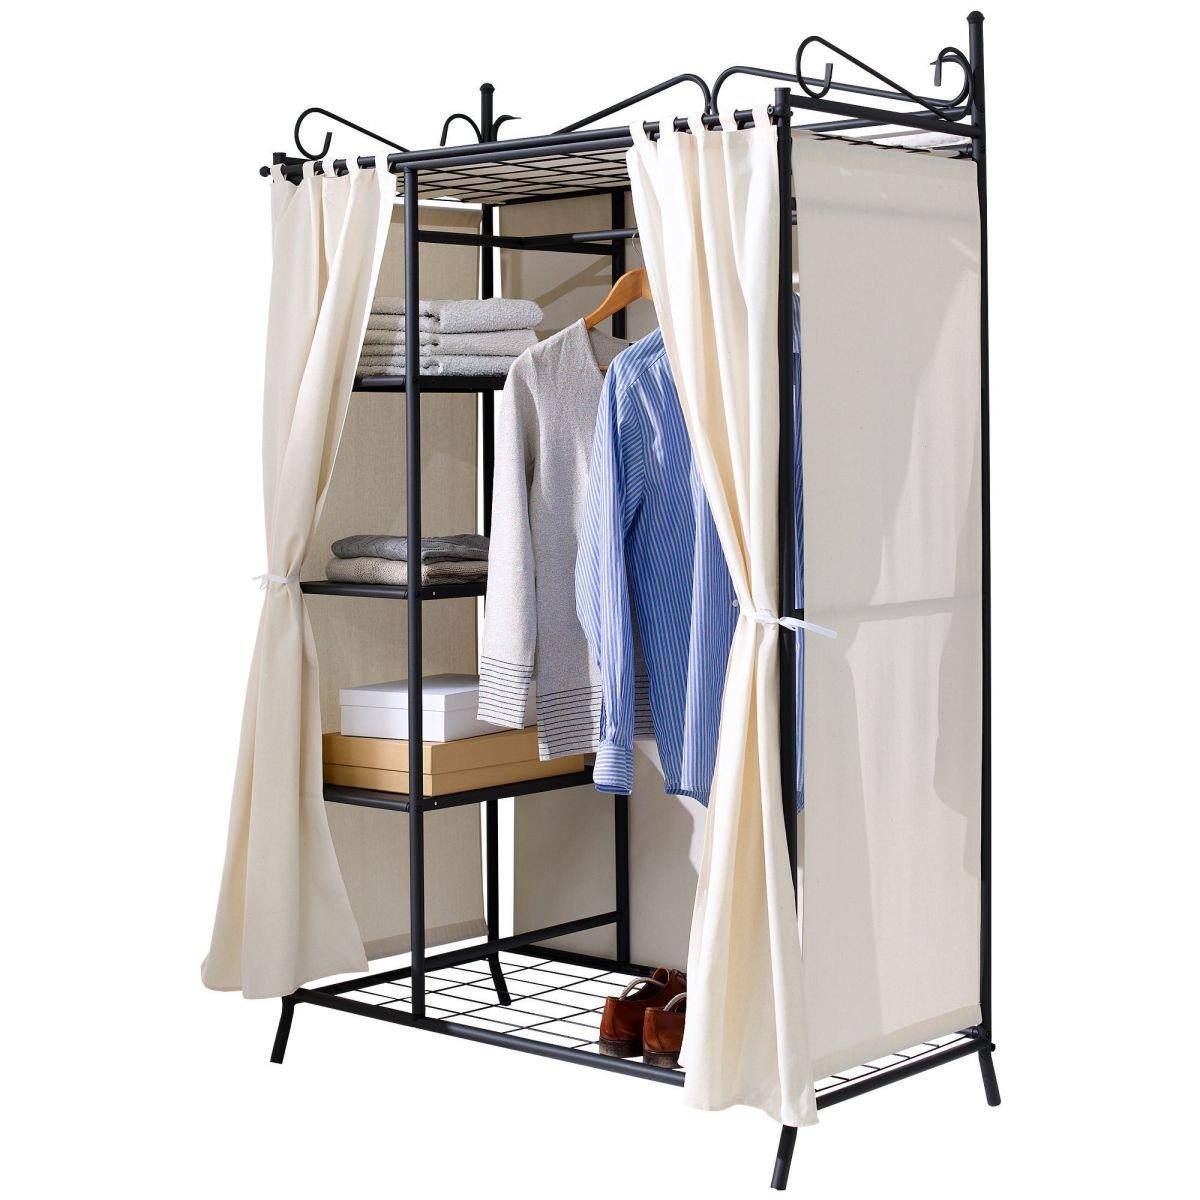 Metall Kleiderschrank Garderobe Breezy – mit Kleiderstange und ...